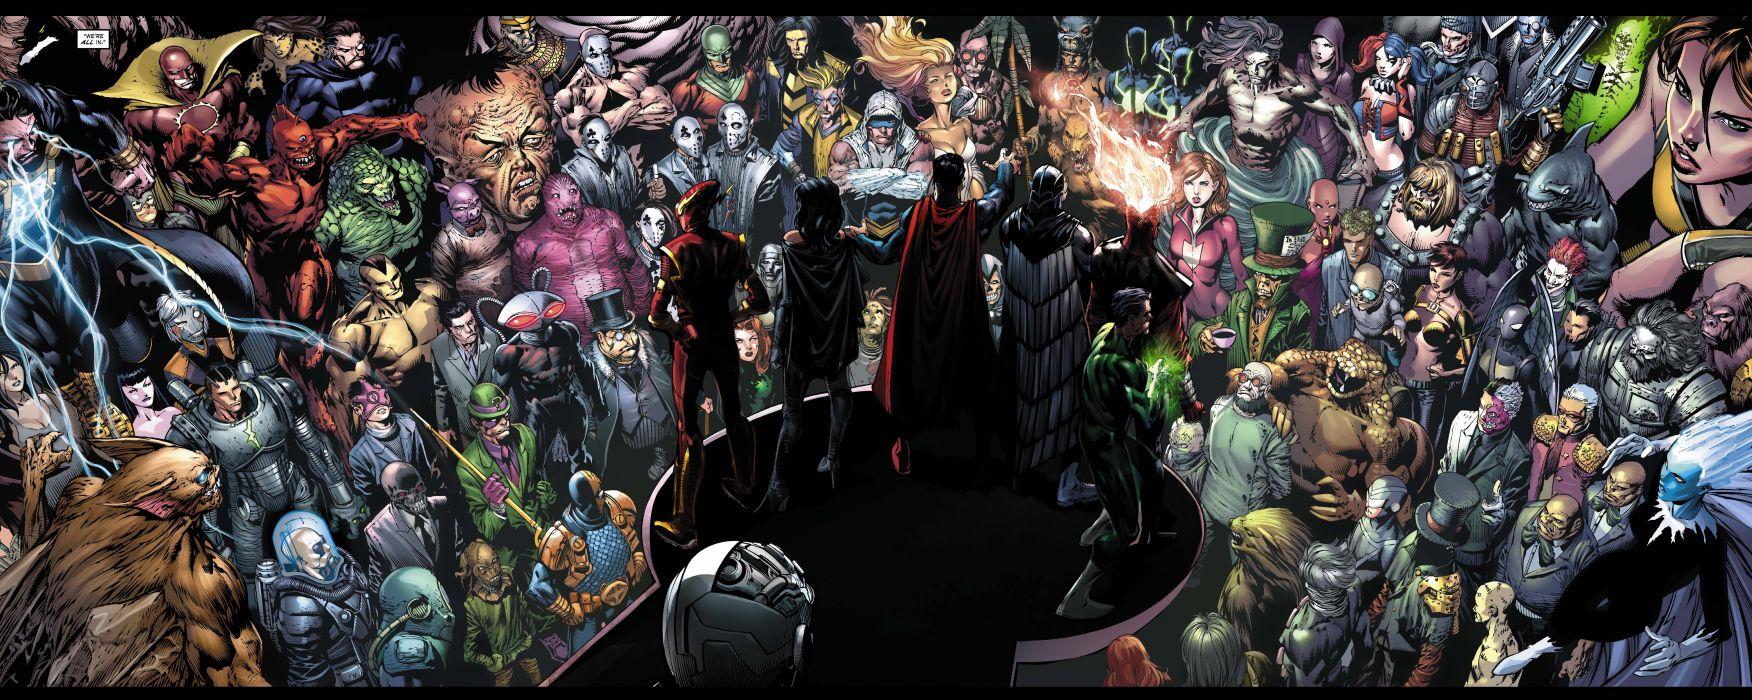 ARKHAM WAR Forever Evil d-c dc-comics crossover batman (2) wallpaper